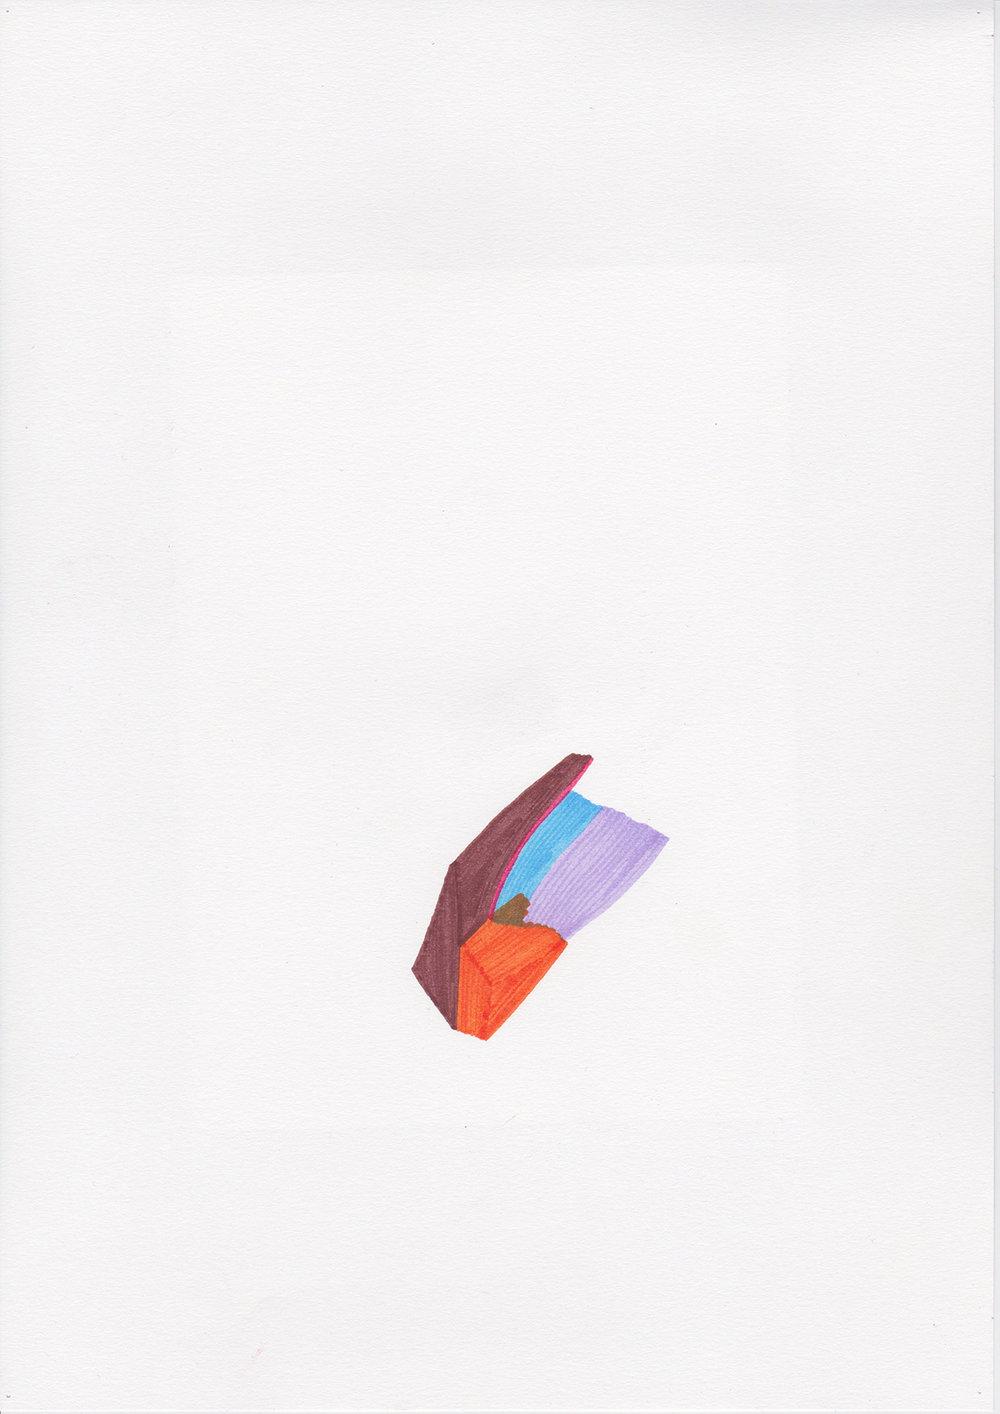 Drop, dessin aux feutres, 2013